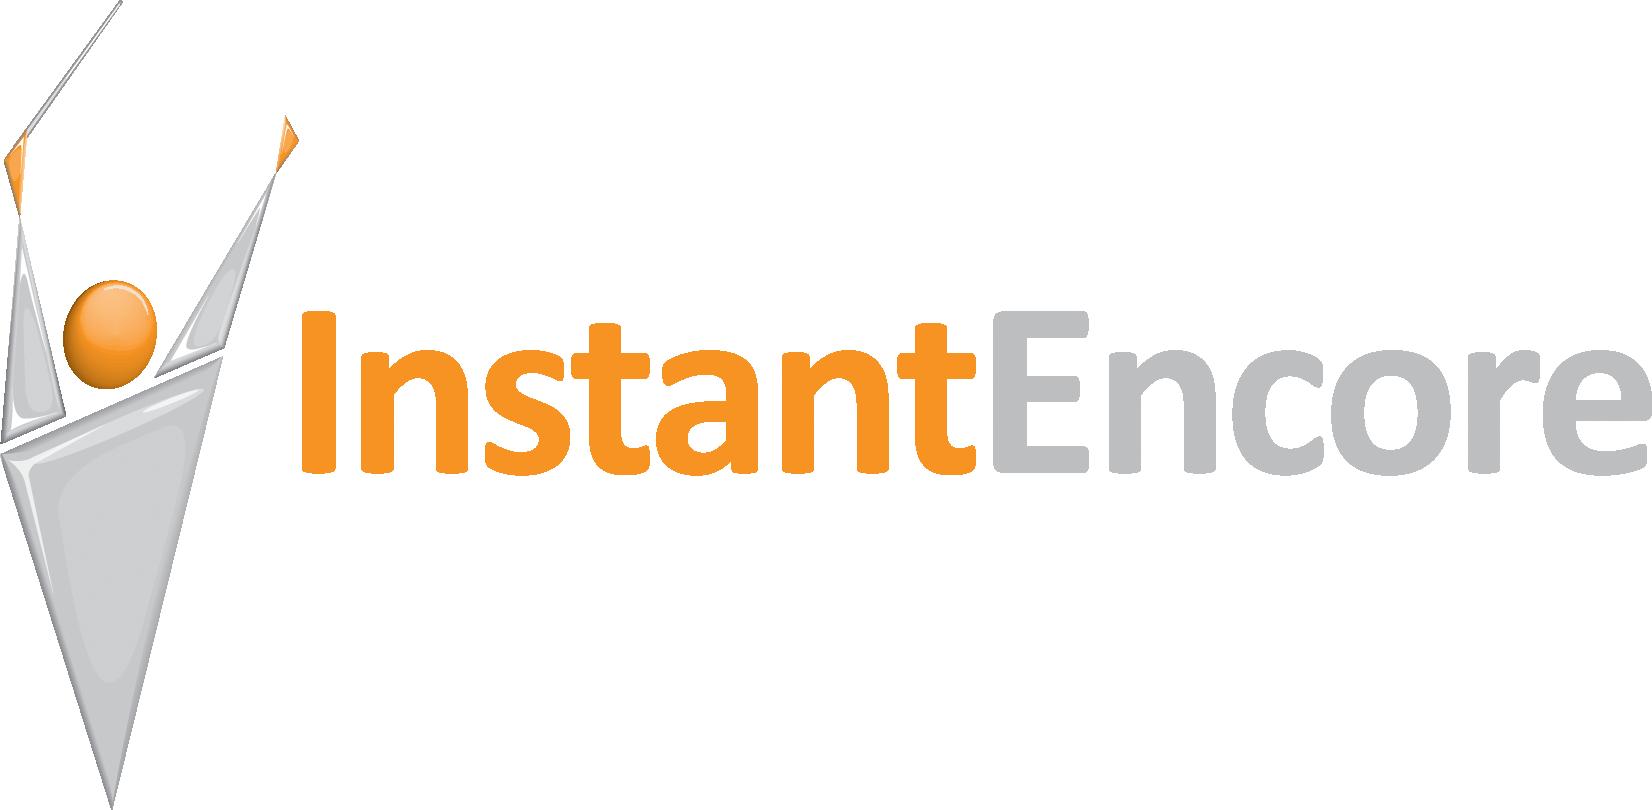 InstantEncore logo.png